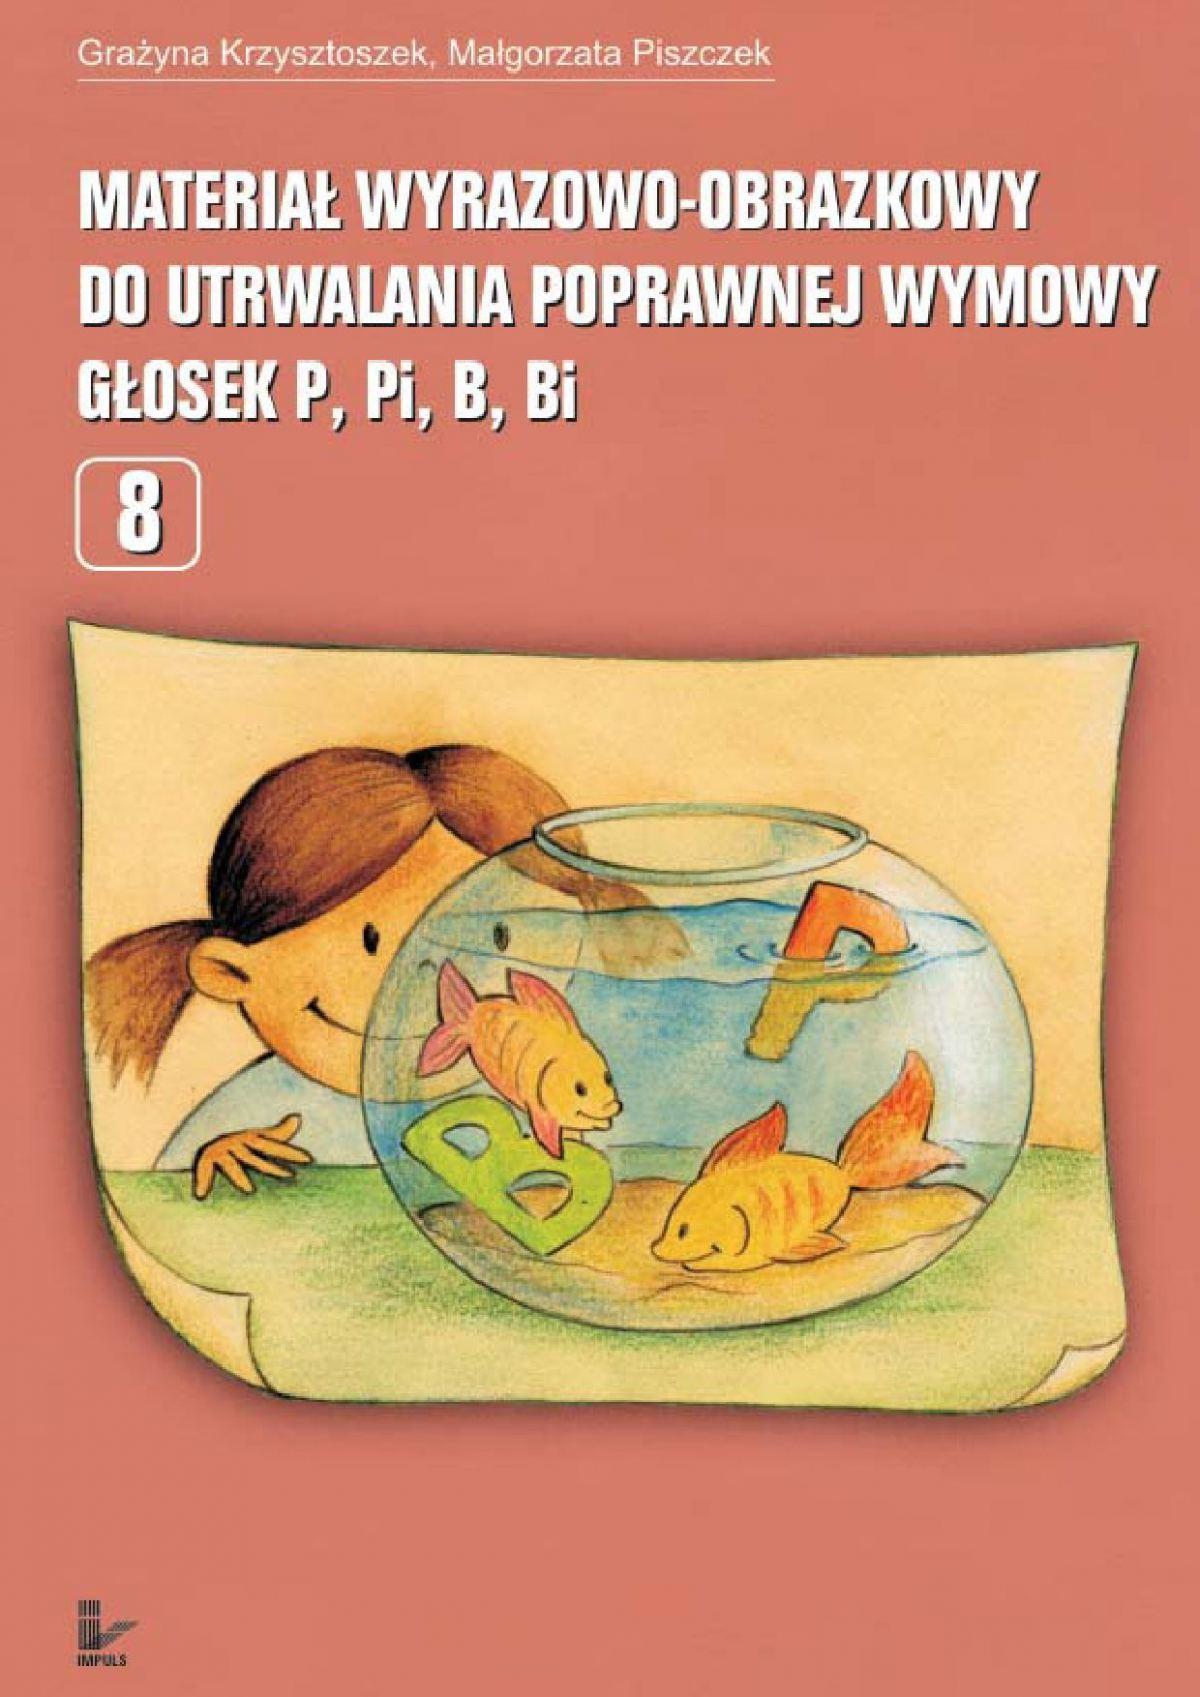 Materiał wyrazowo-obrazkowy do utrwalania poprawnej wymowy głosek p, pi, b, bi - Ebook (Książka EPUB) do pobrania w formacie EPUB